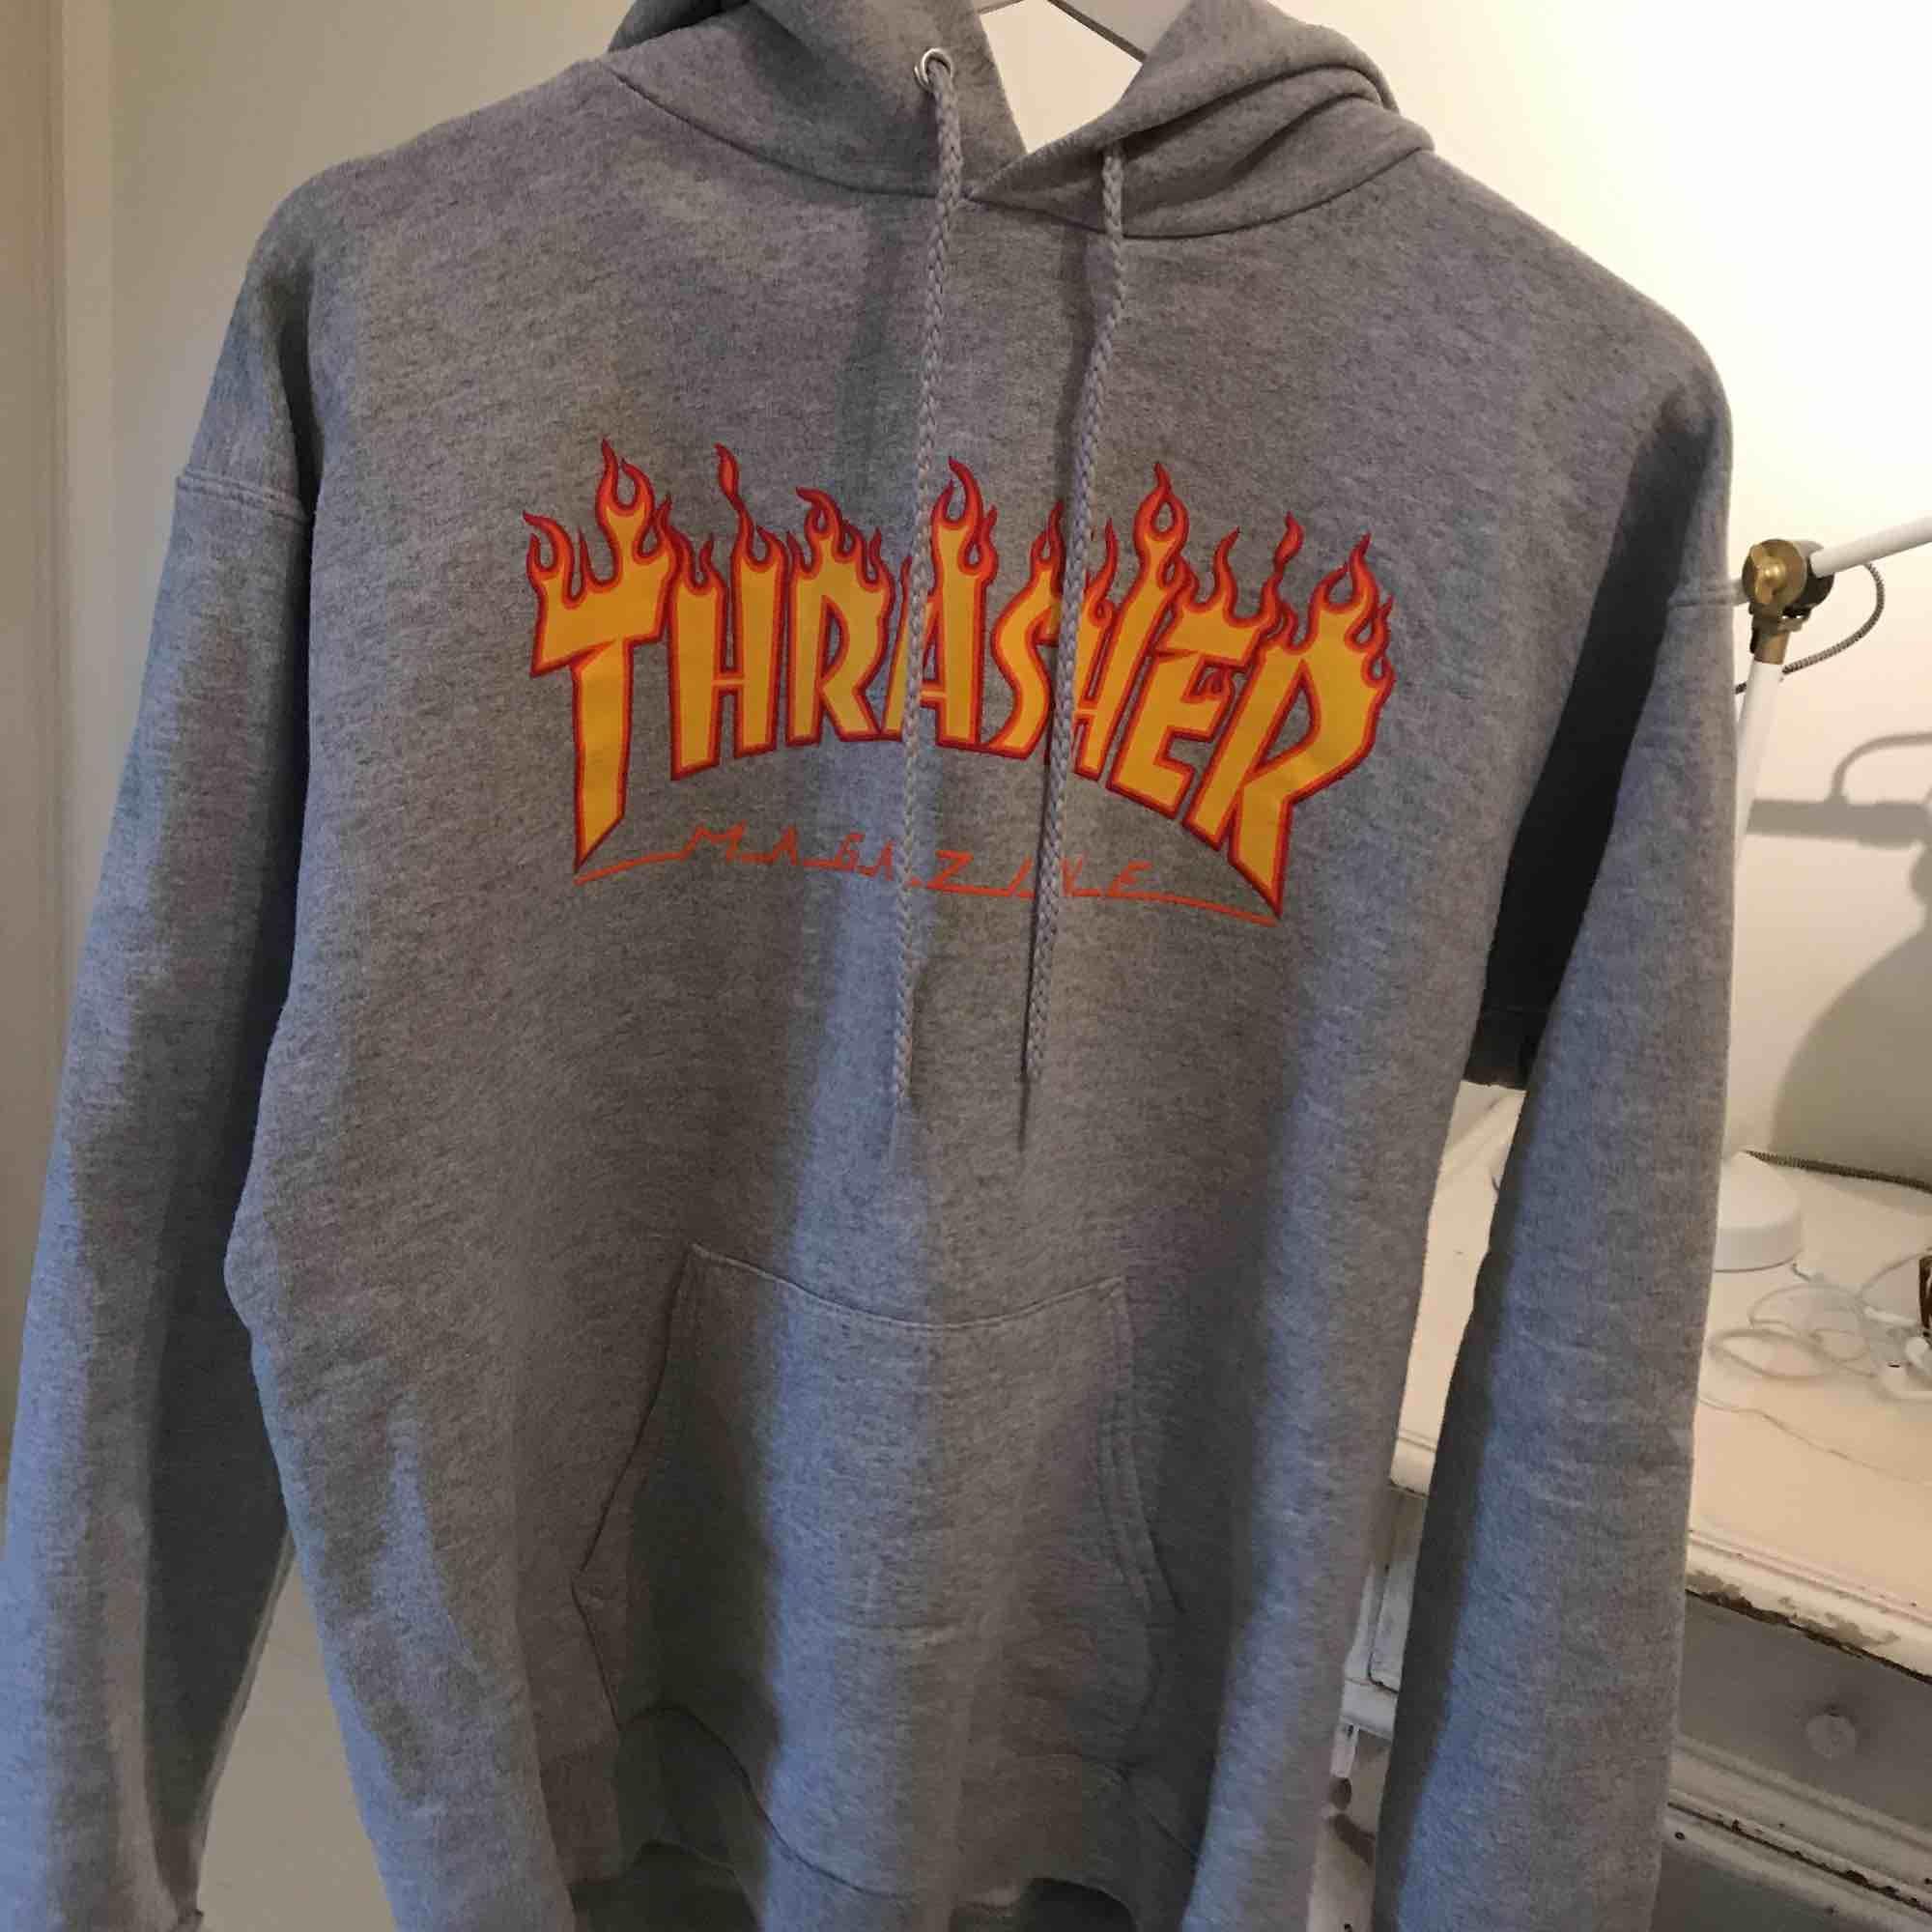 Äkta Trasher hoodie i storlek S (34-36), grå med bokstäver i eld. Säljer den då den inte kommer till användning. Köpt i butik i Umeå! Kontakta mig om ni har några frågor! Köparen står för frakt💜. Huvtröjor & Träningströjor.